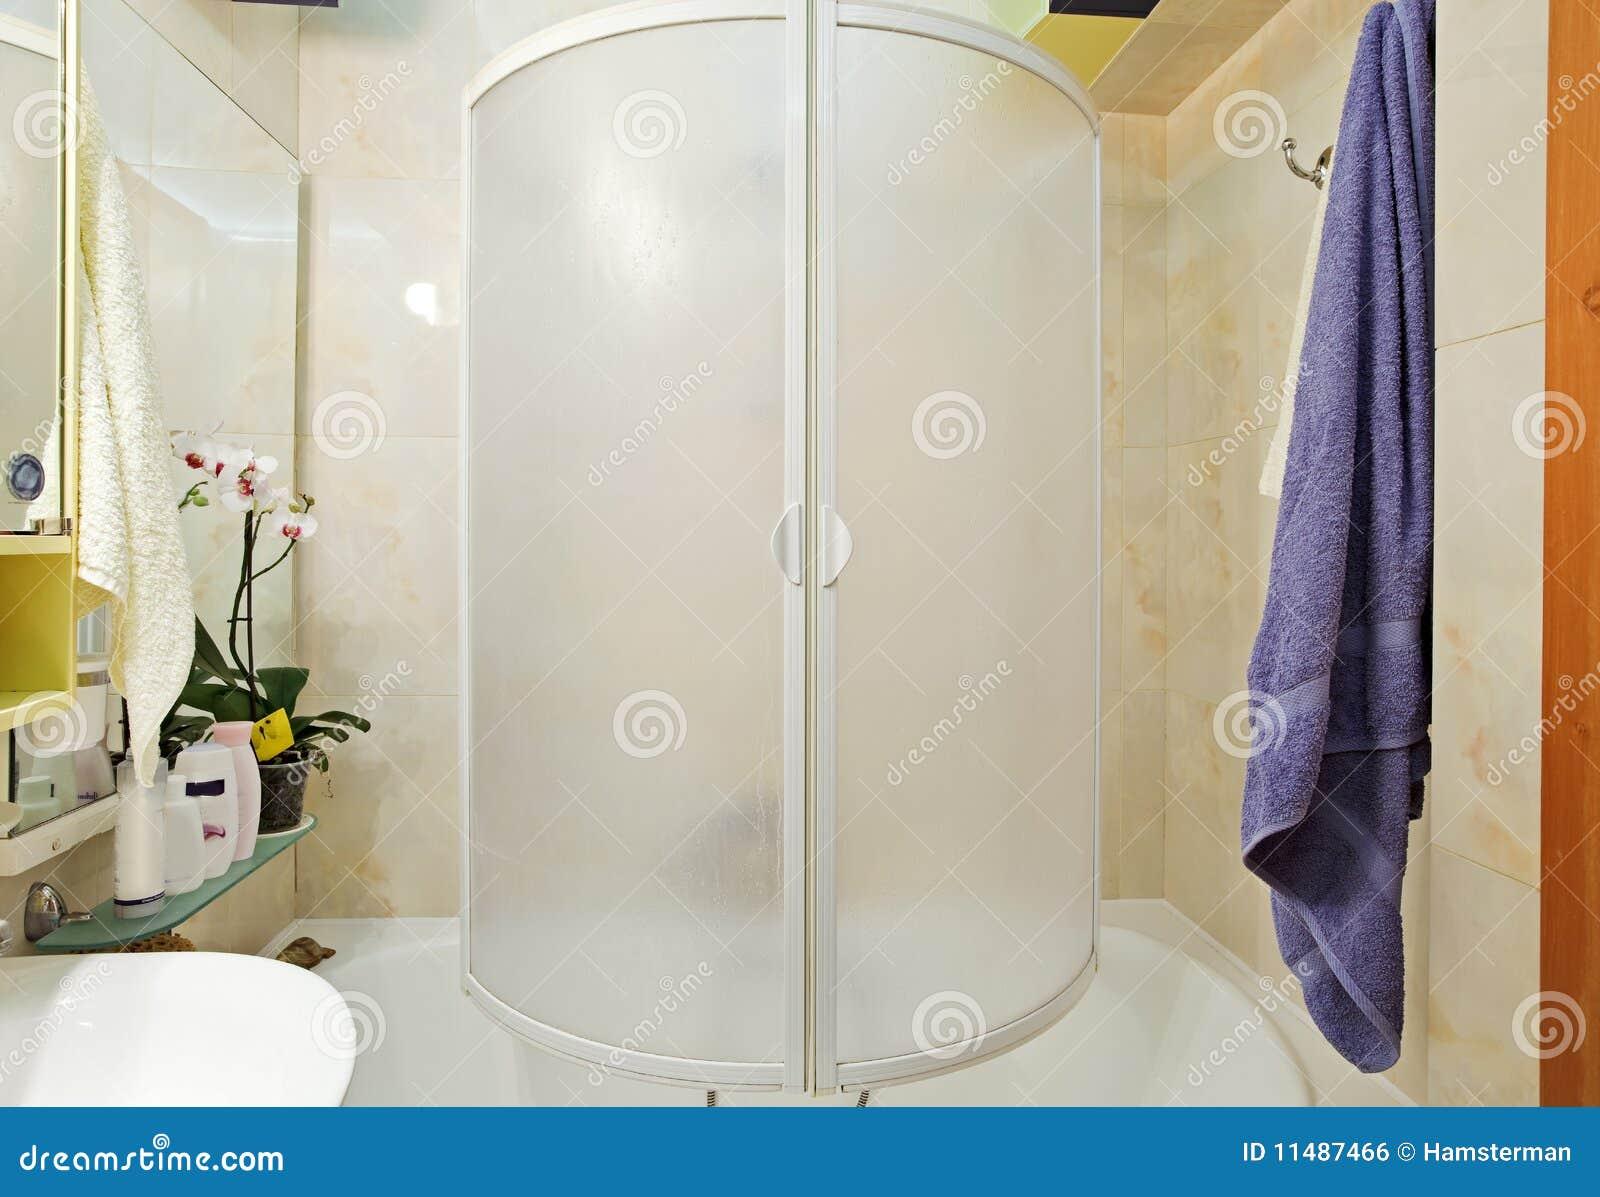 modern klein douche bad met blauwe handdoek royalty vrije stock afbeelding beeld 11487466